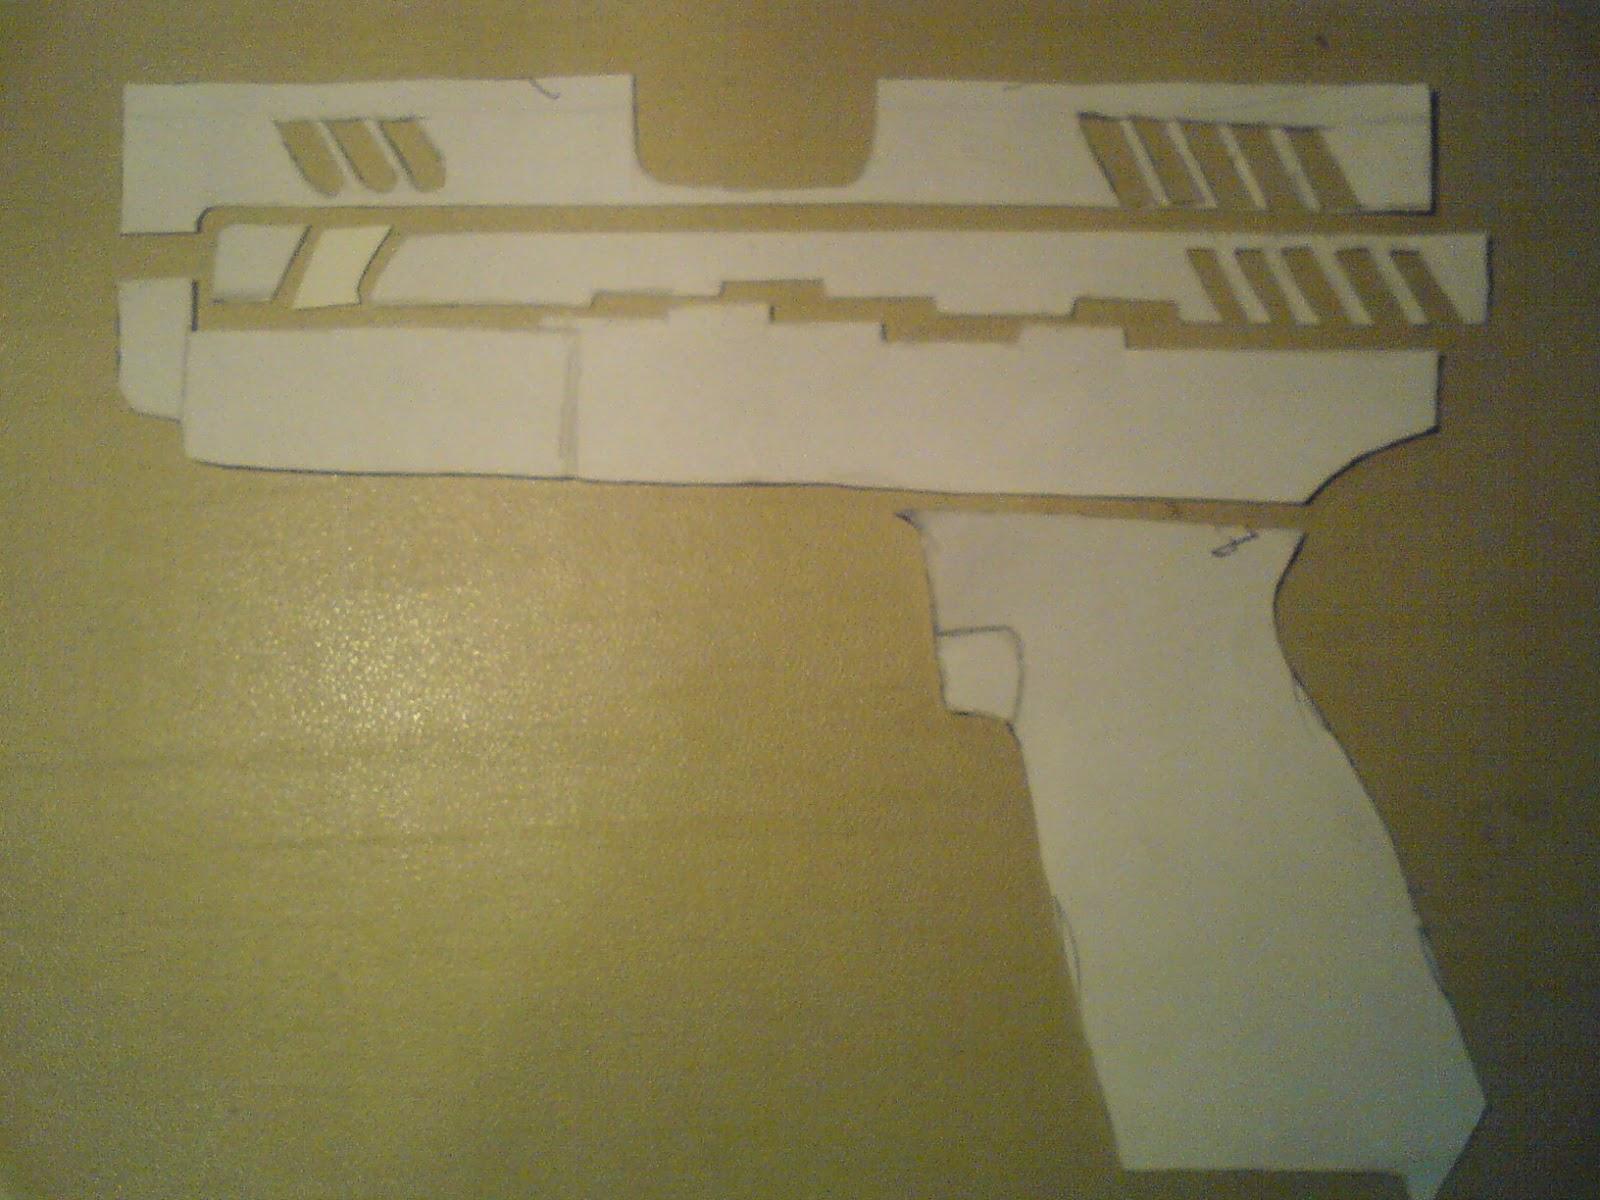 Pistola Blacktail - Resident Evil DSC04424